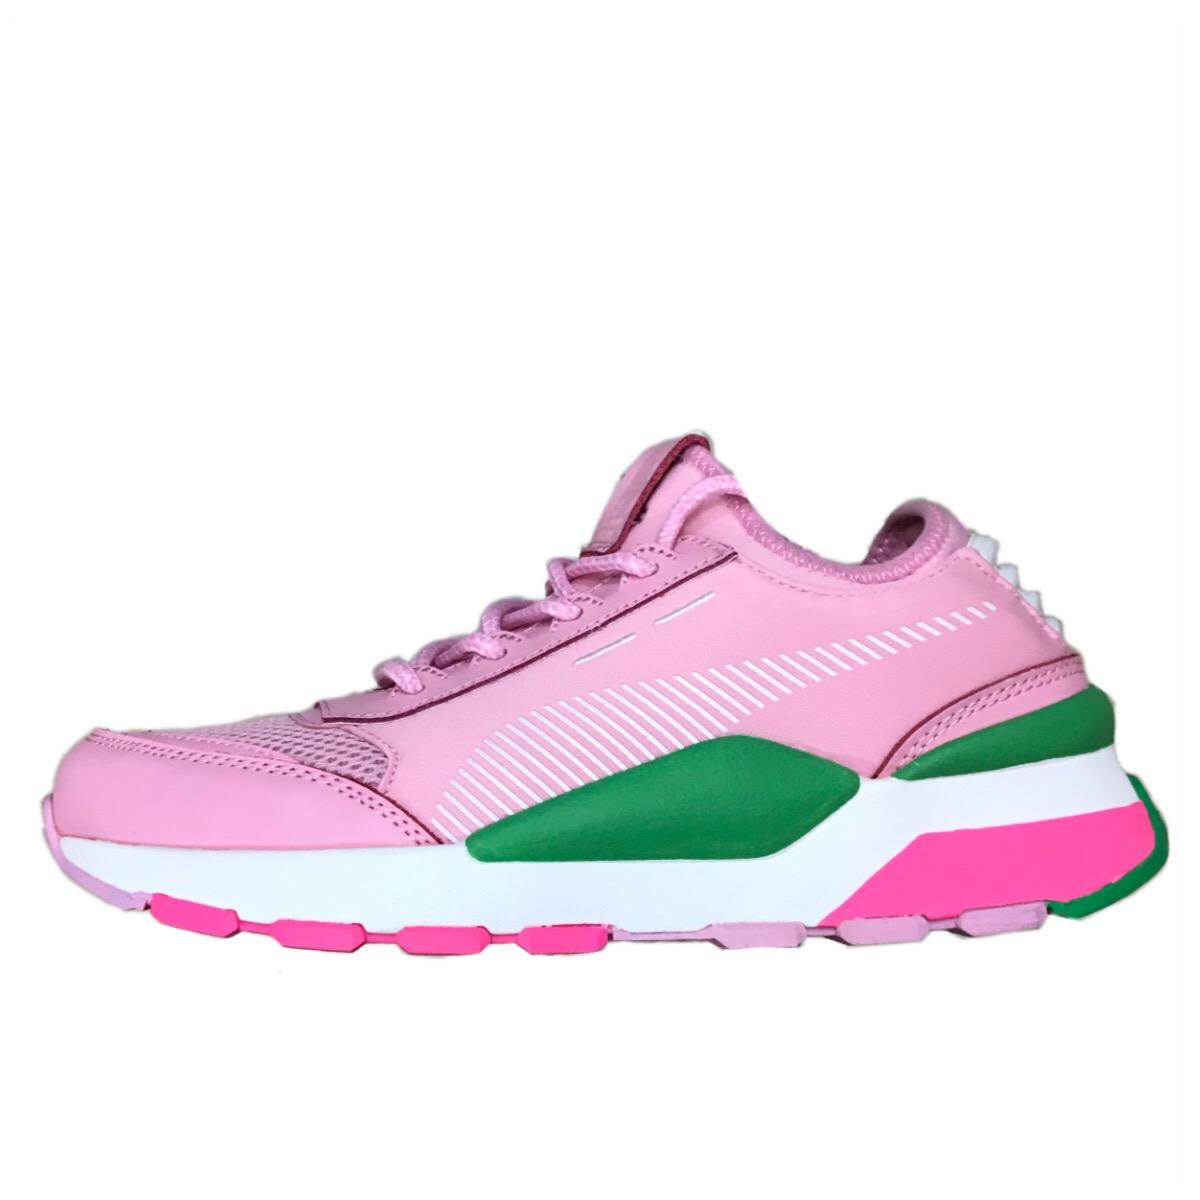 کفش مخصوص پیاده روی زنانه مدل RS کد ۰۱۱